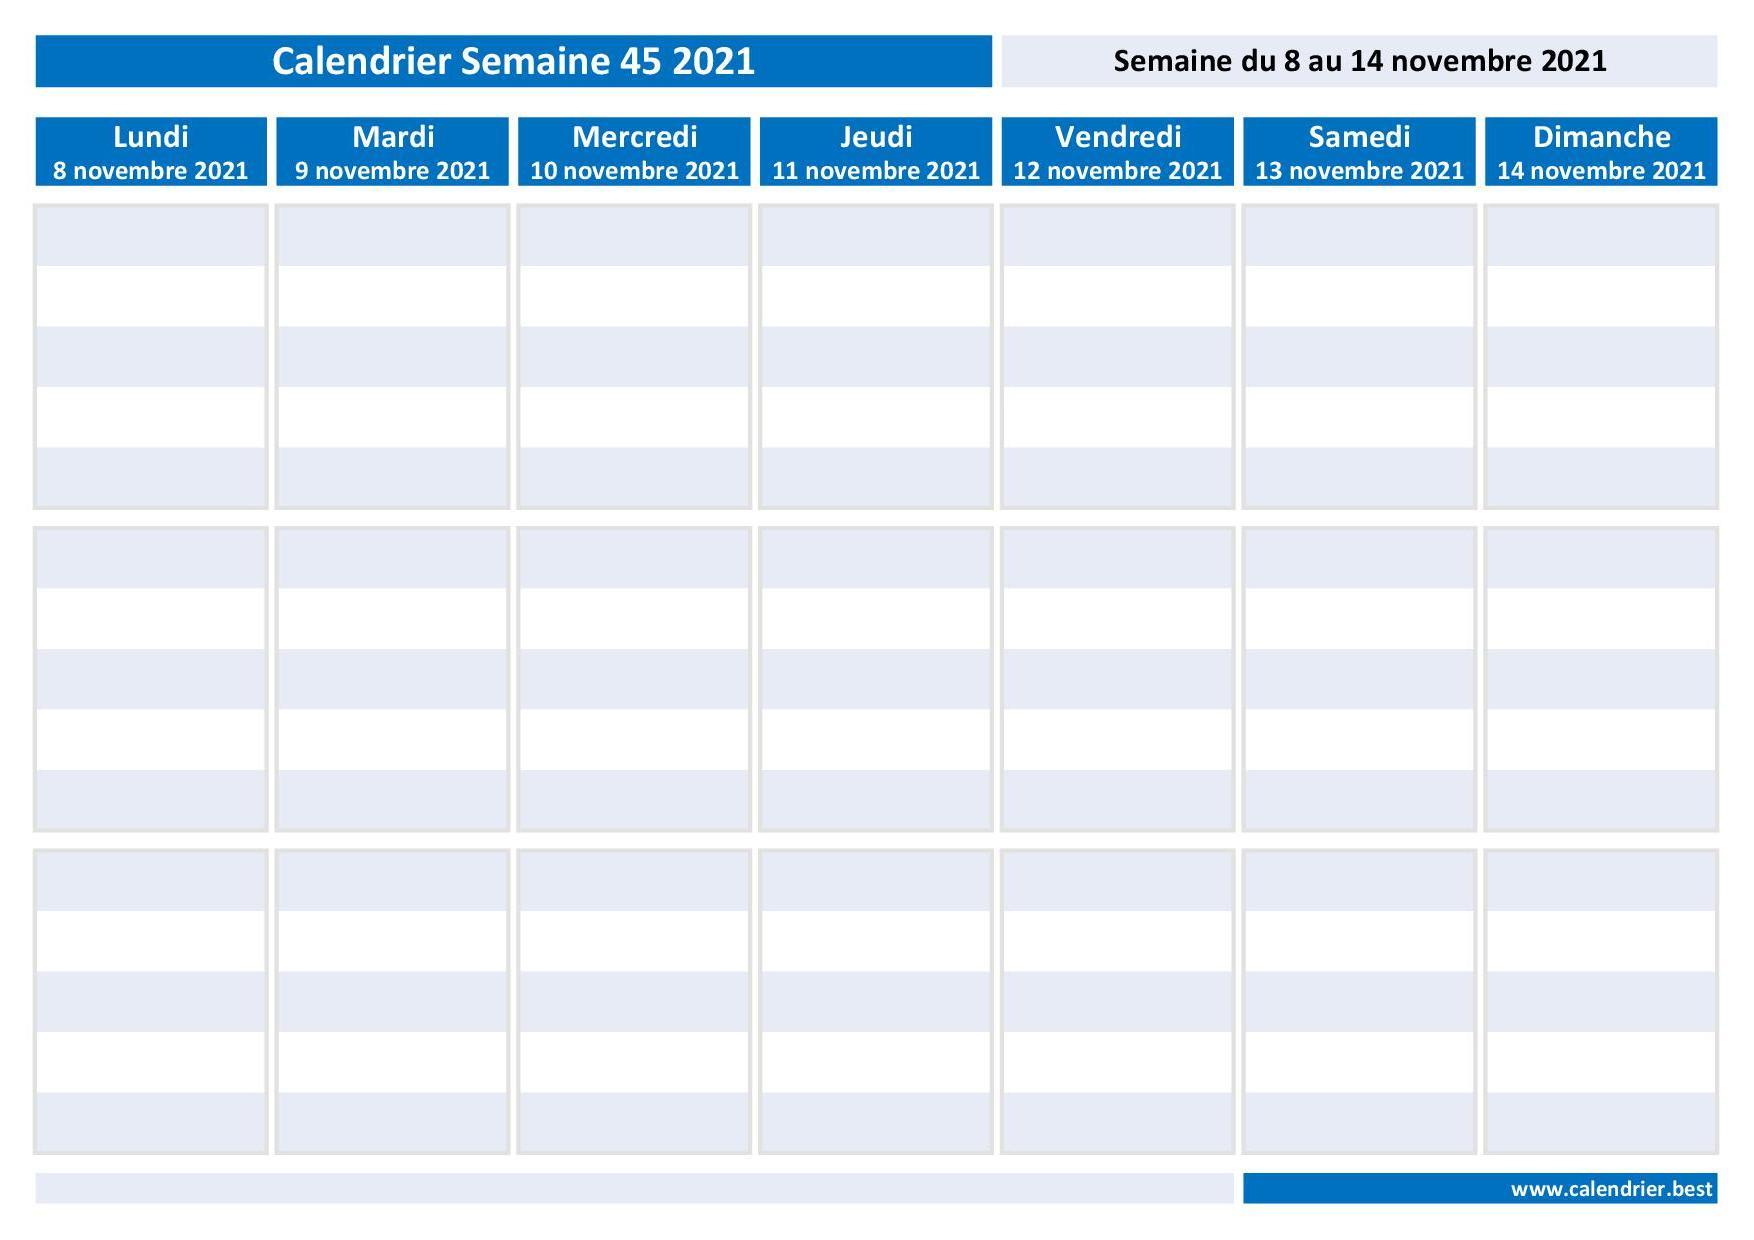 Semaine 45 2021 : dates, calendrier et planning hebdomadaire à